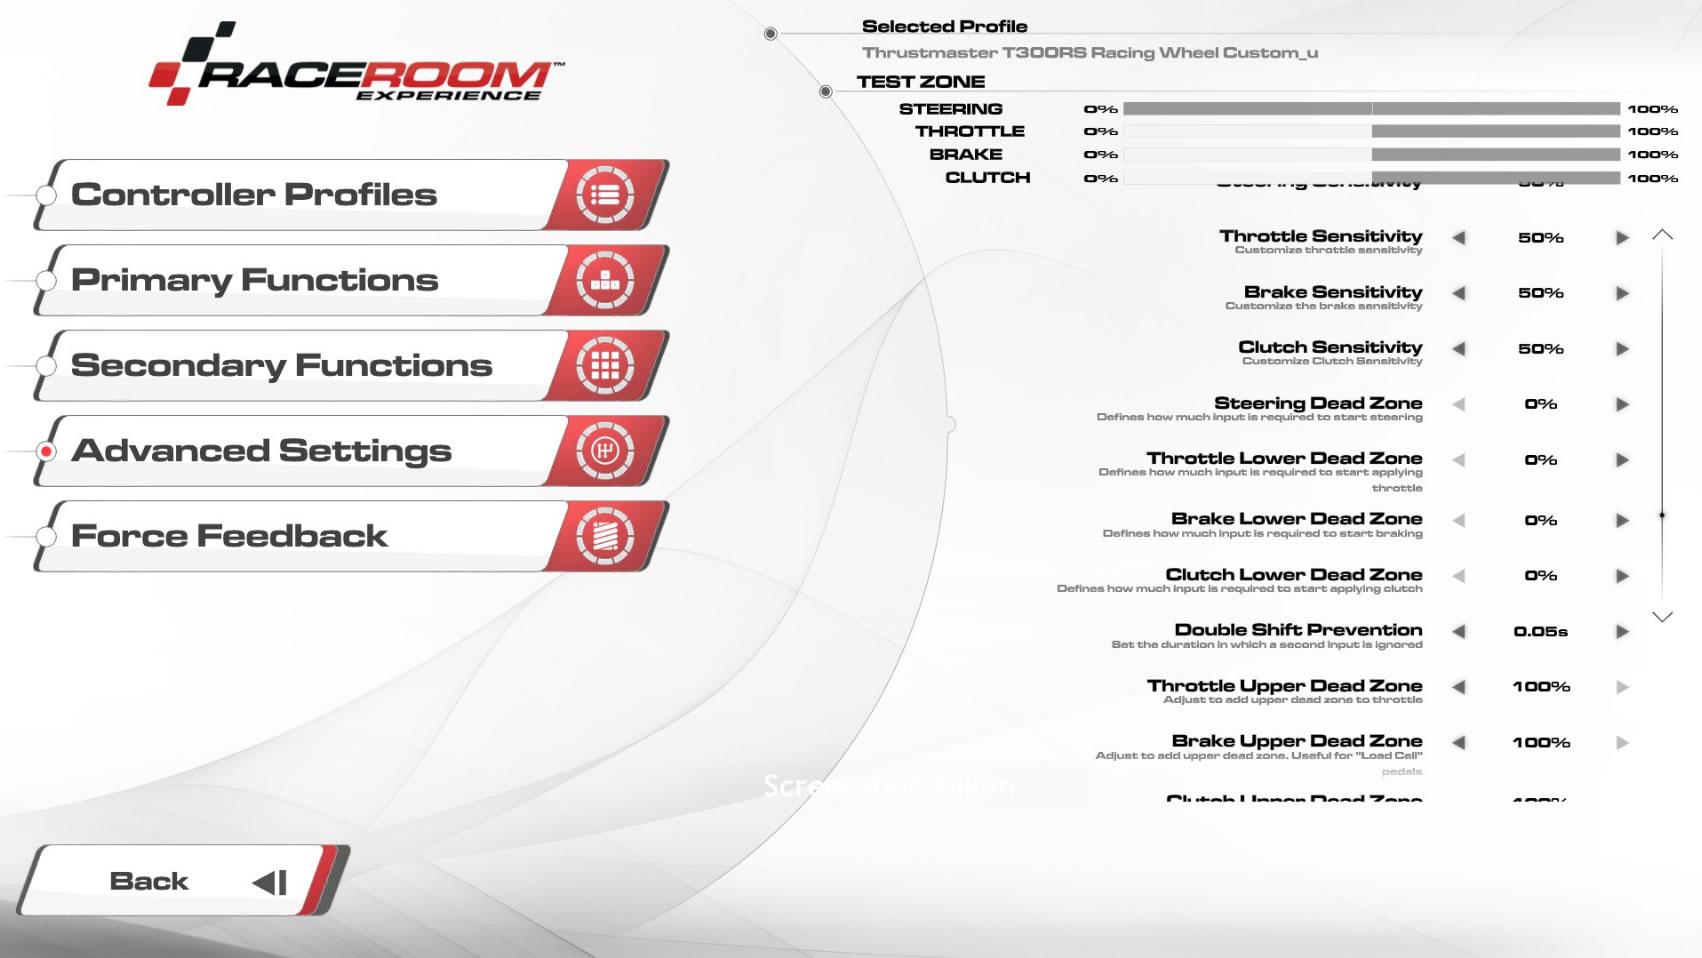 Raceroom-T300-advanced-settings-2.jpg